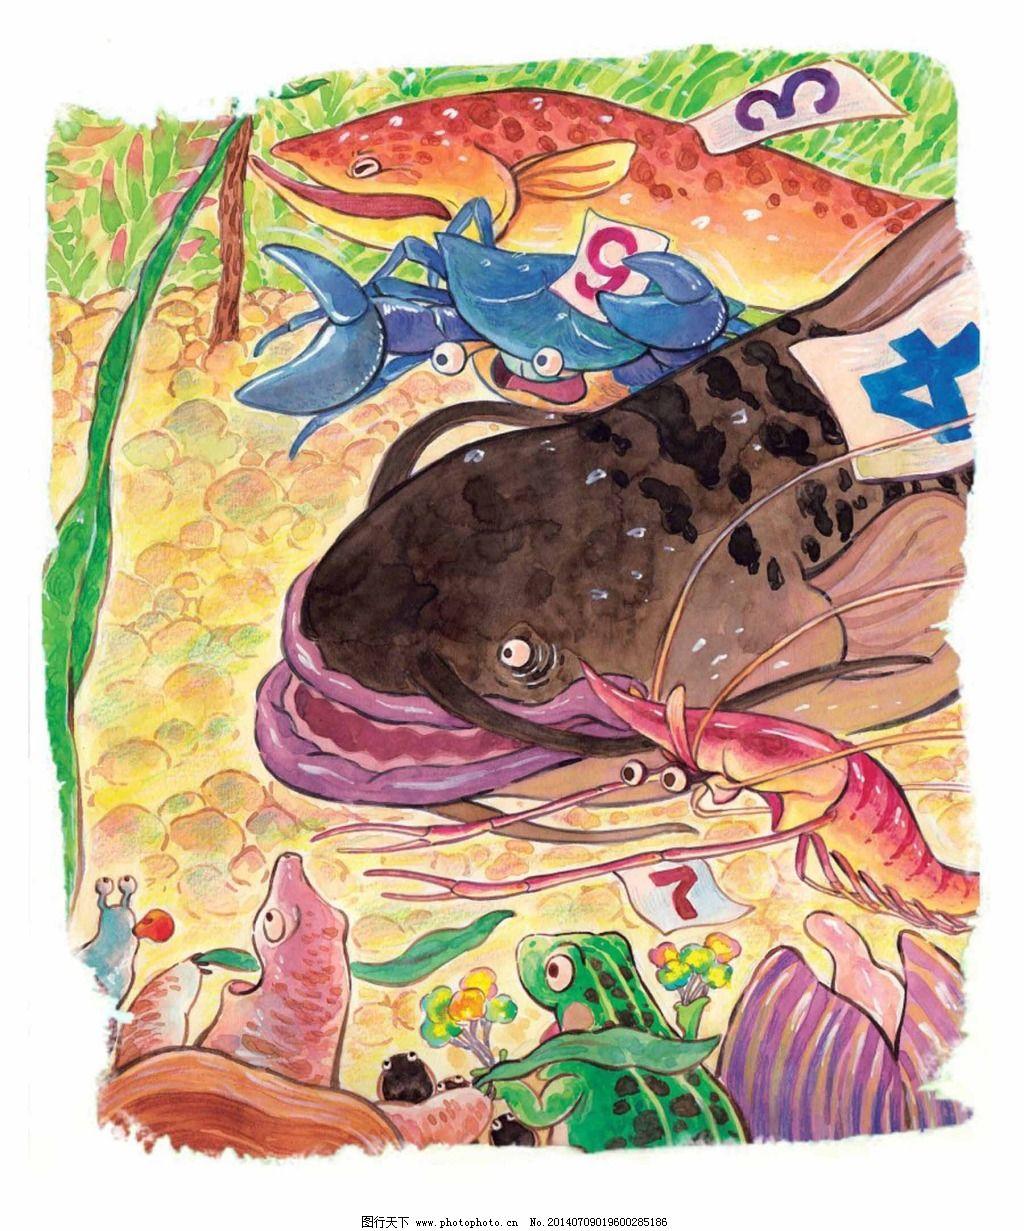 手绘动物免费下载 大虾 鲸鱼 鲤鱼 螃蟹 水彩画 动物比赛 鲸鱼 大虾